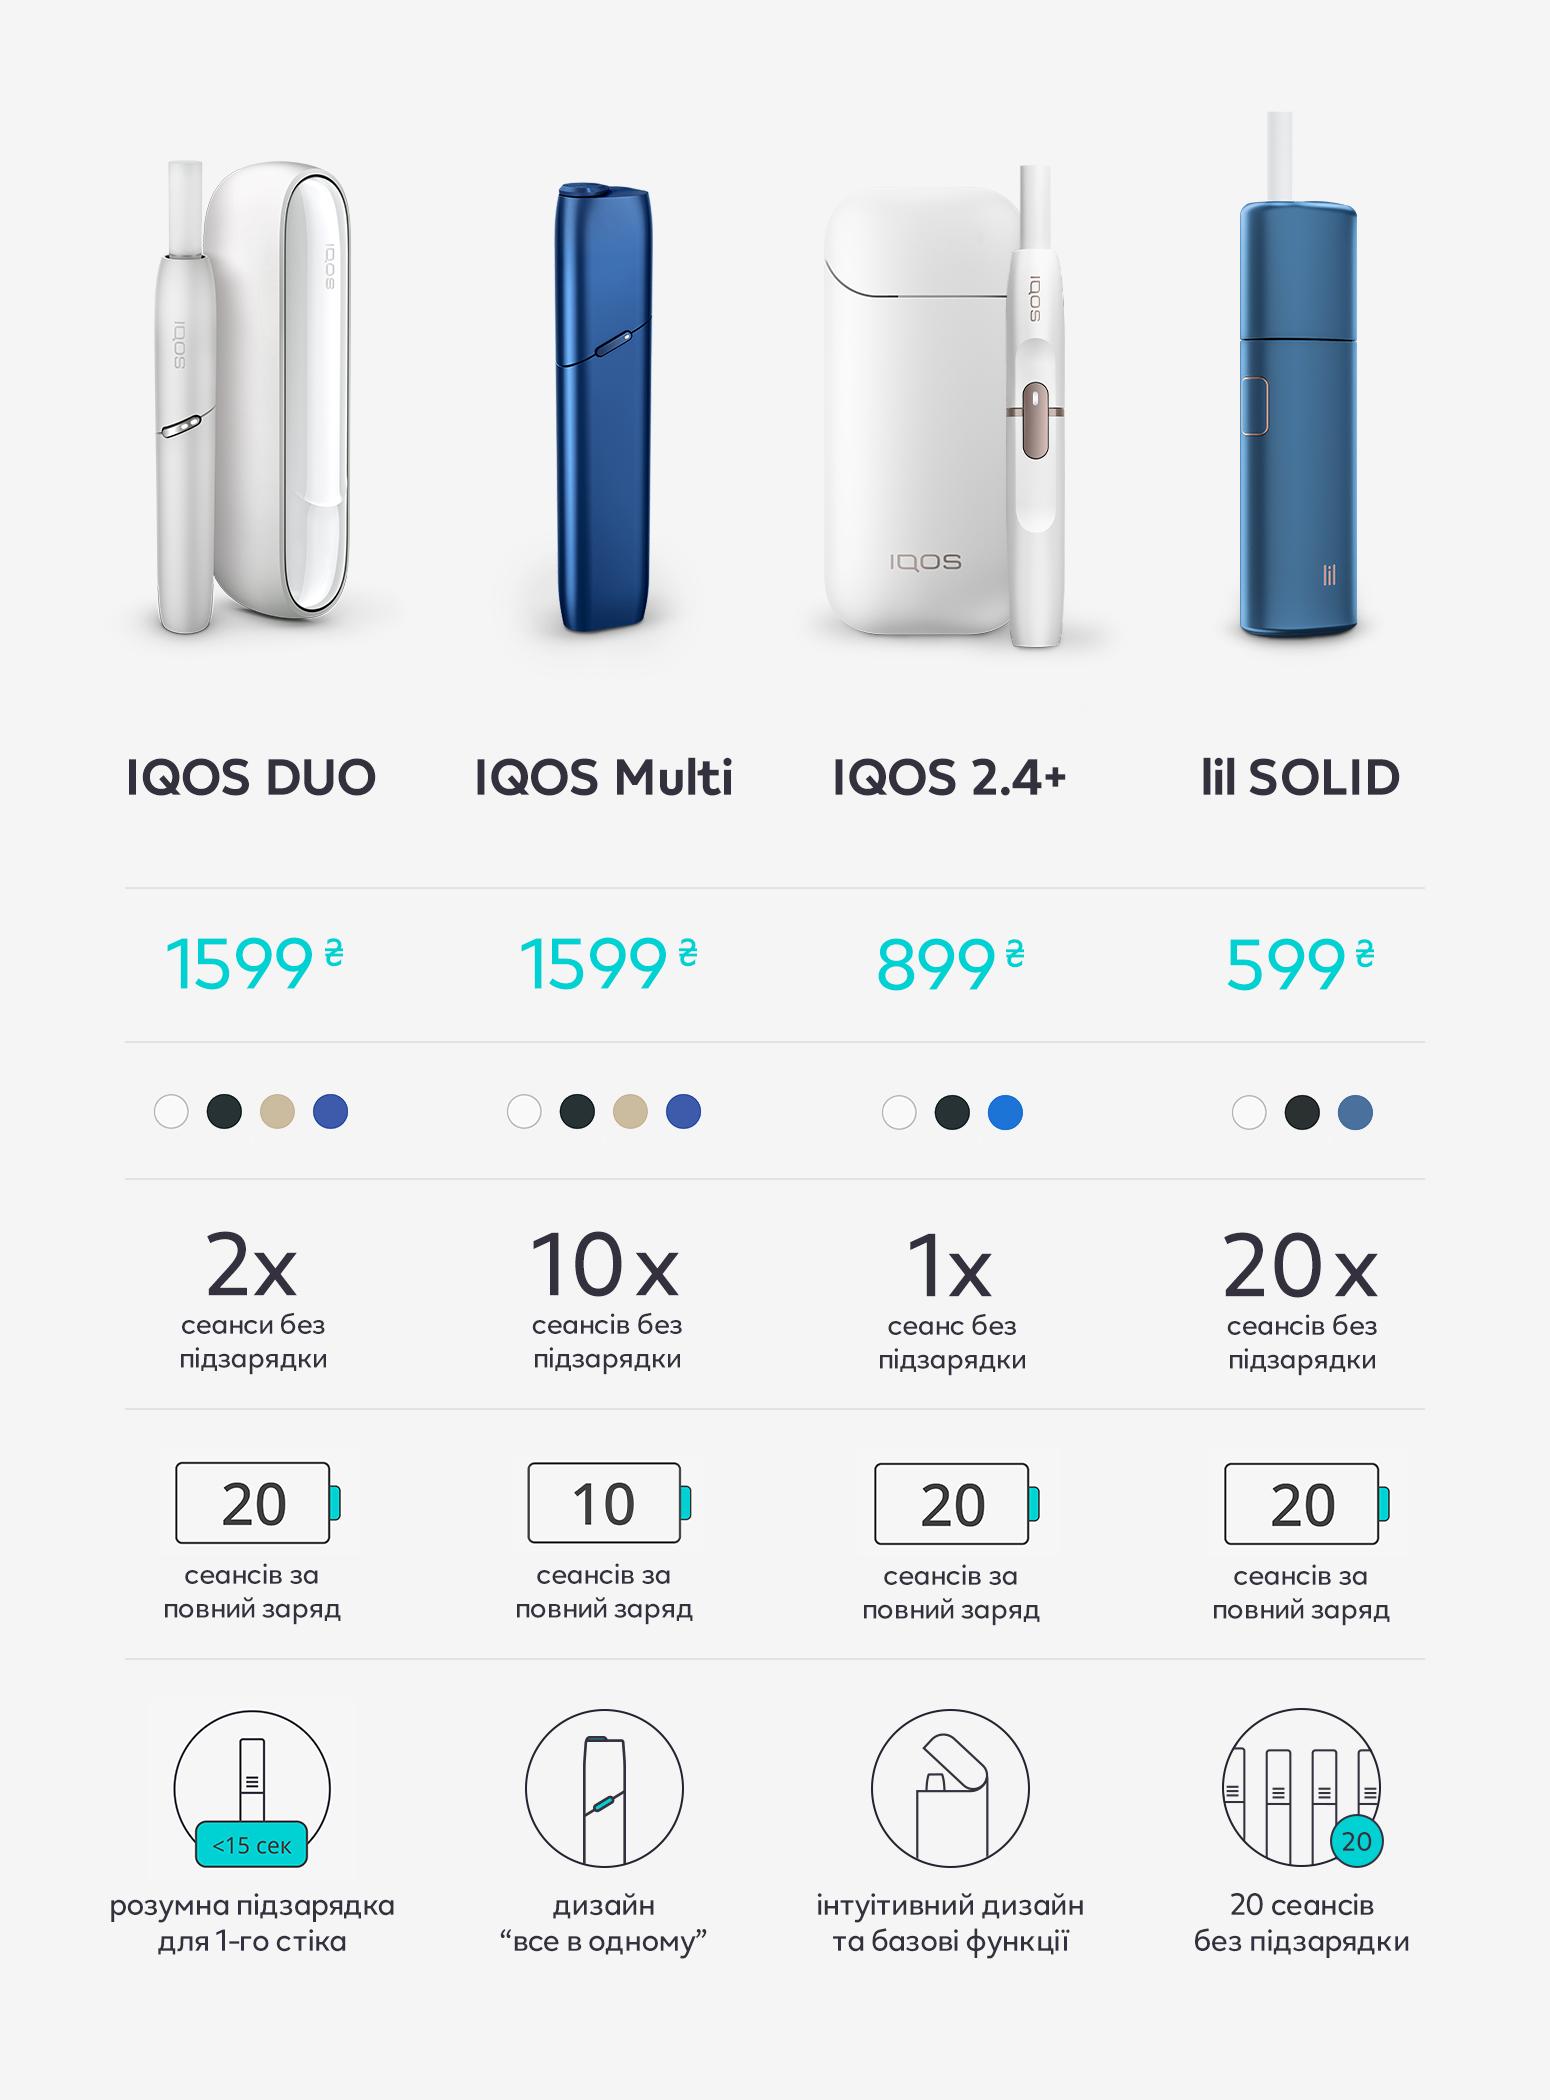 Порівняння моделей IQOS